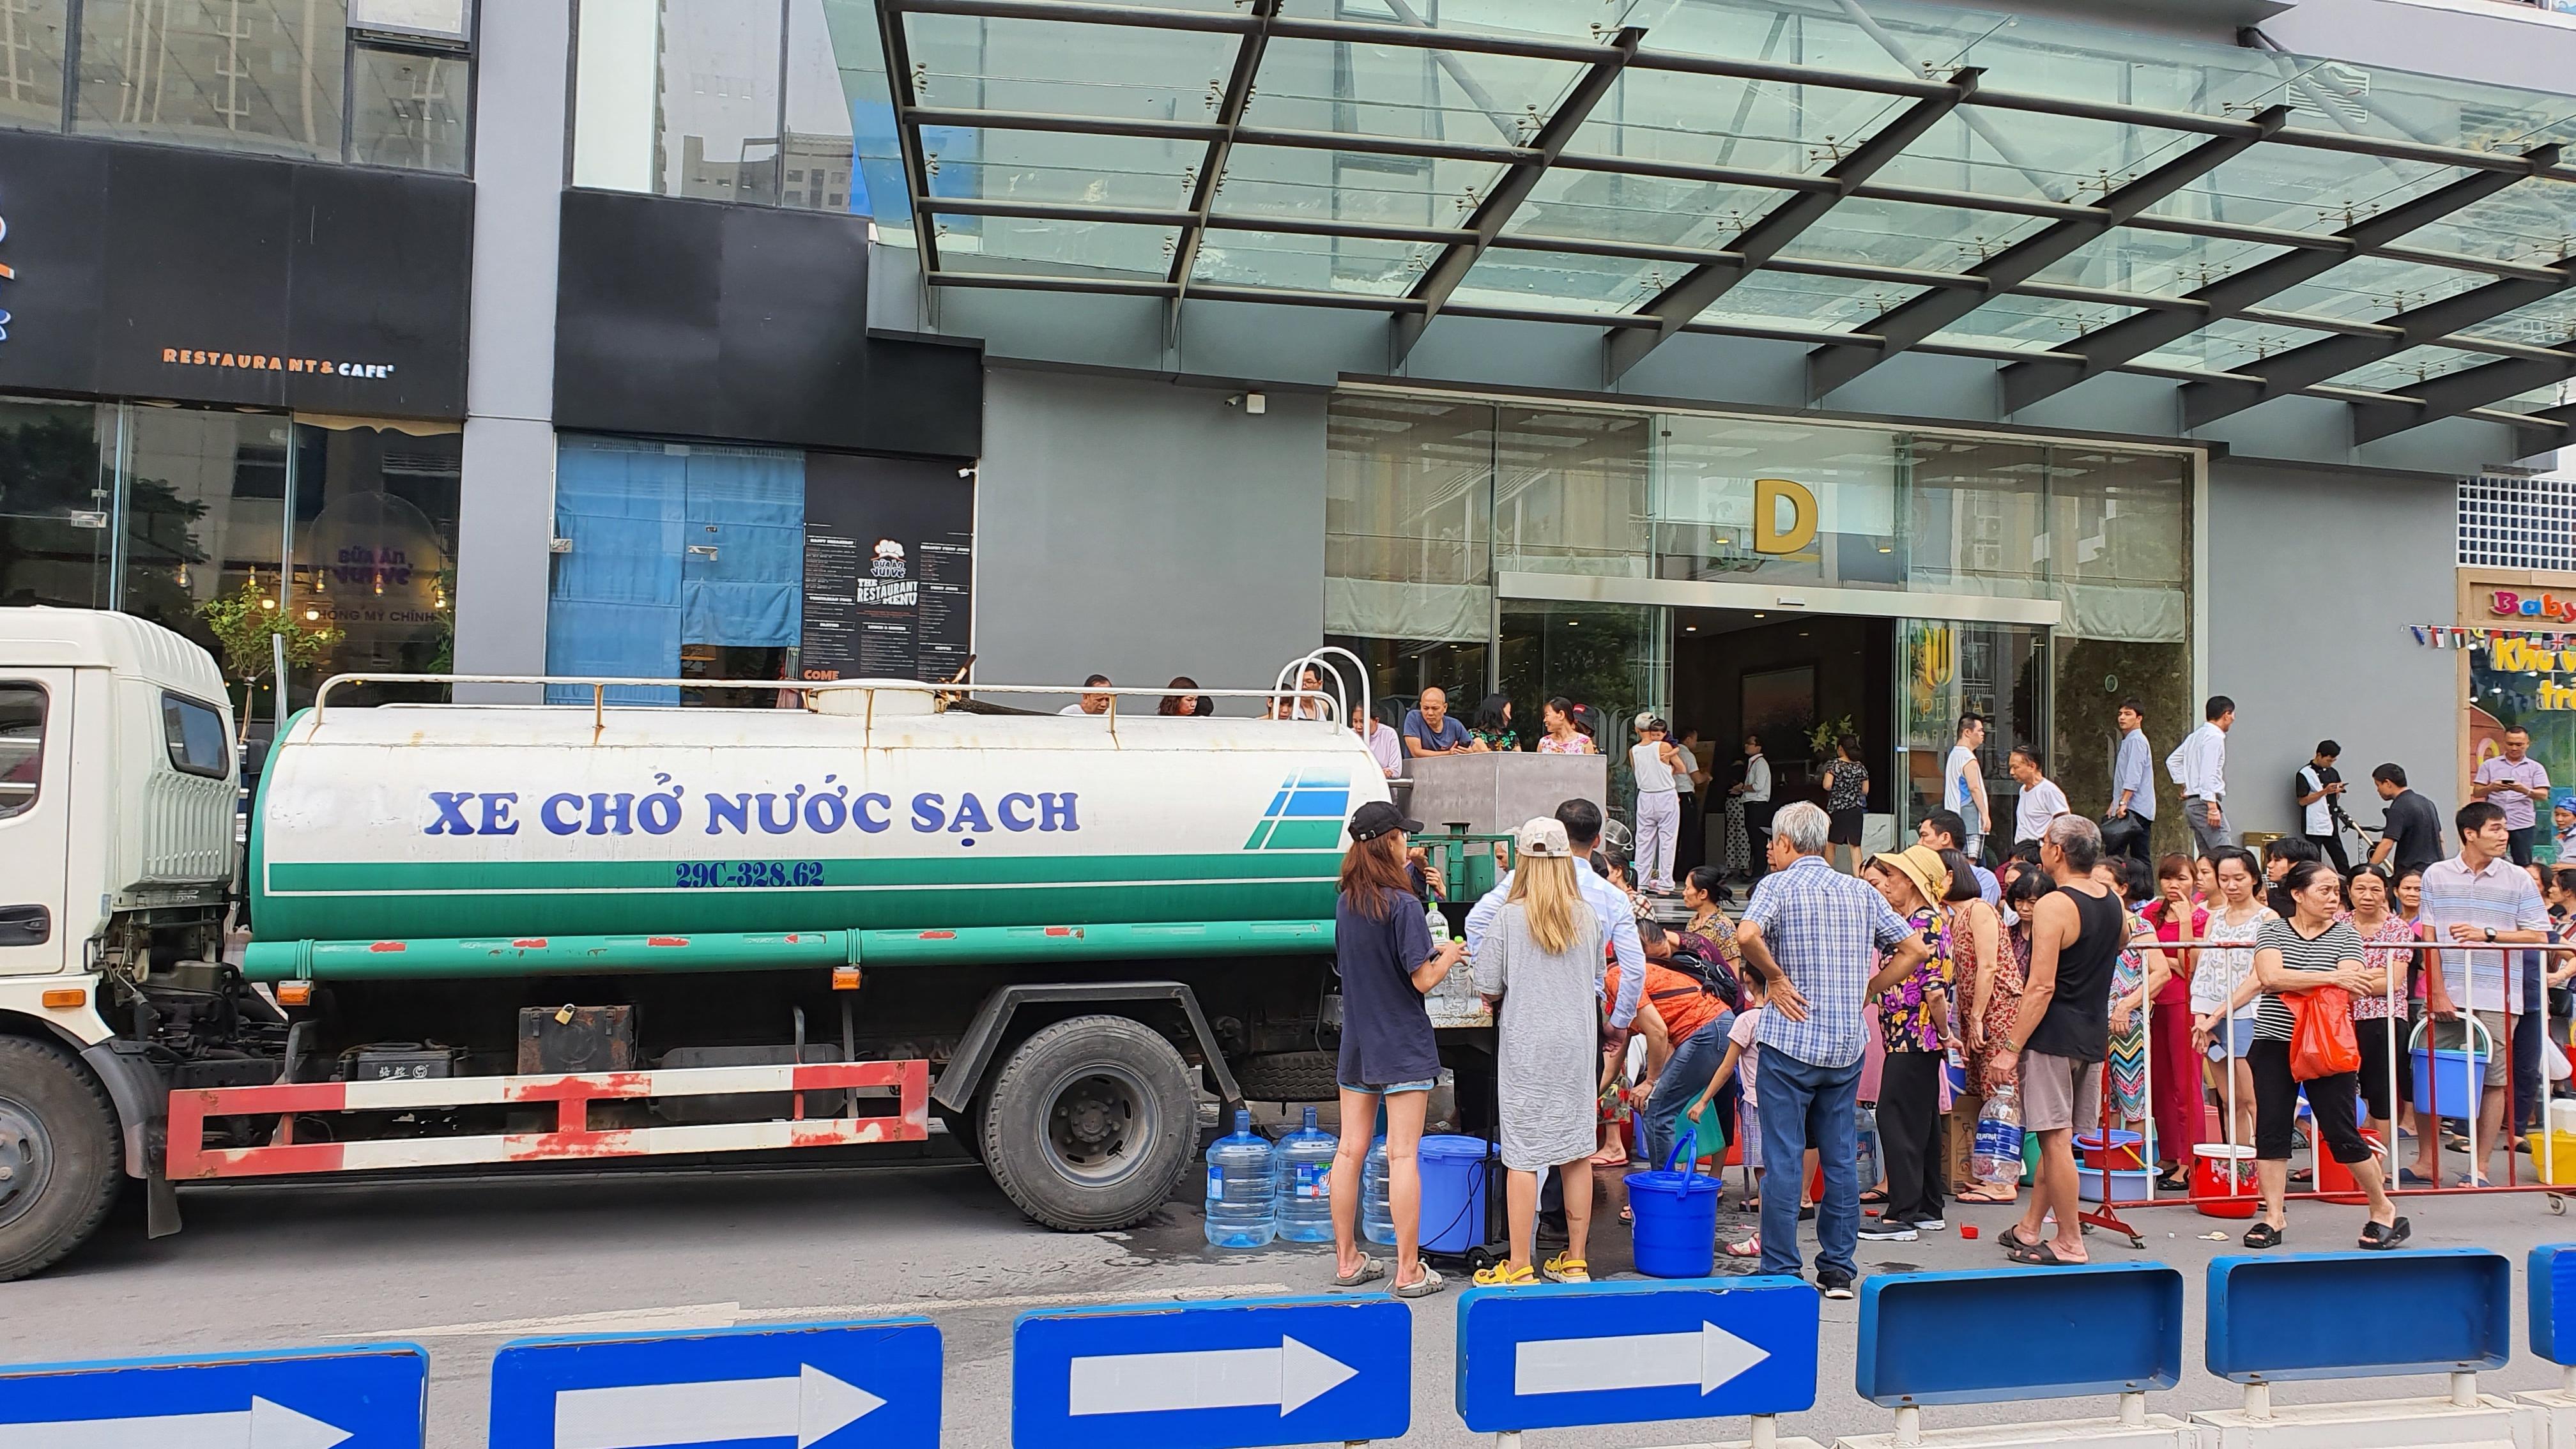 Cảnh người dân Hà Nội xếp hàng nhận nước sạch 'như thời bao cấp'